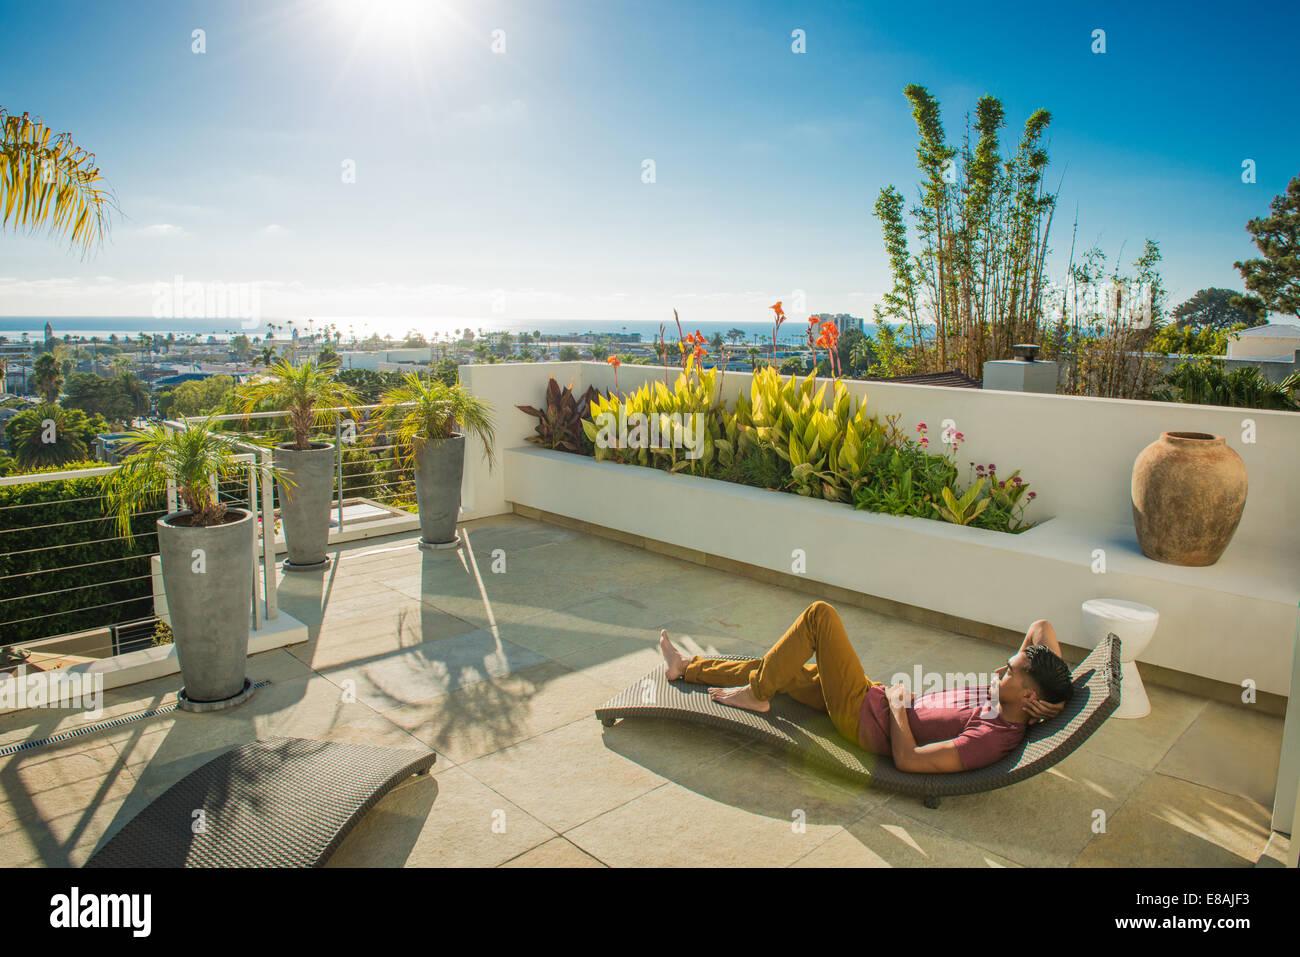 Rooftop Garden Stock Photos & Rooftop Garden Stock Images - Alamy